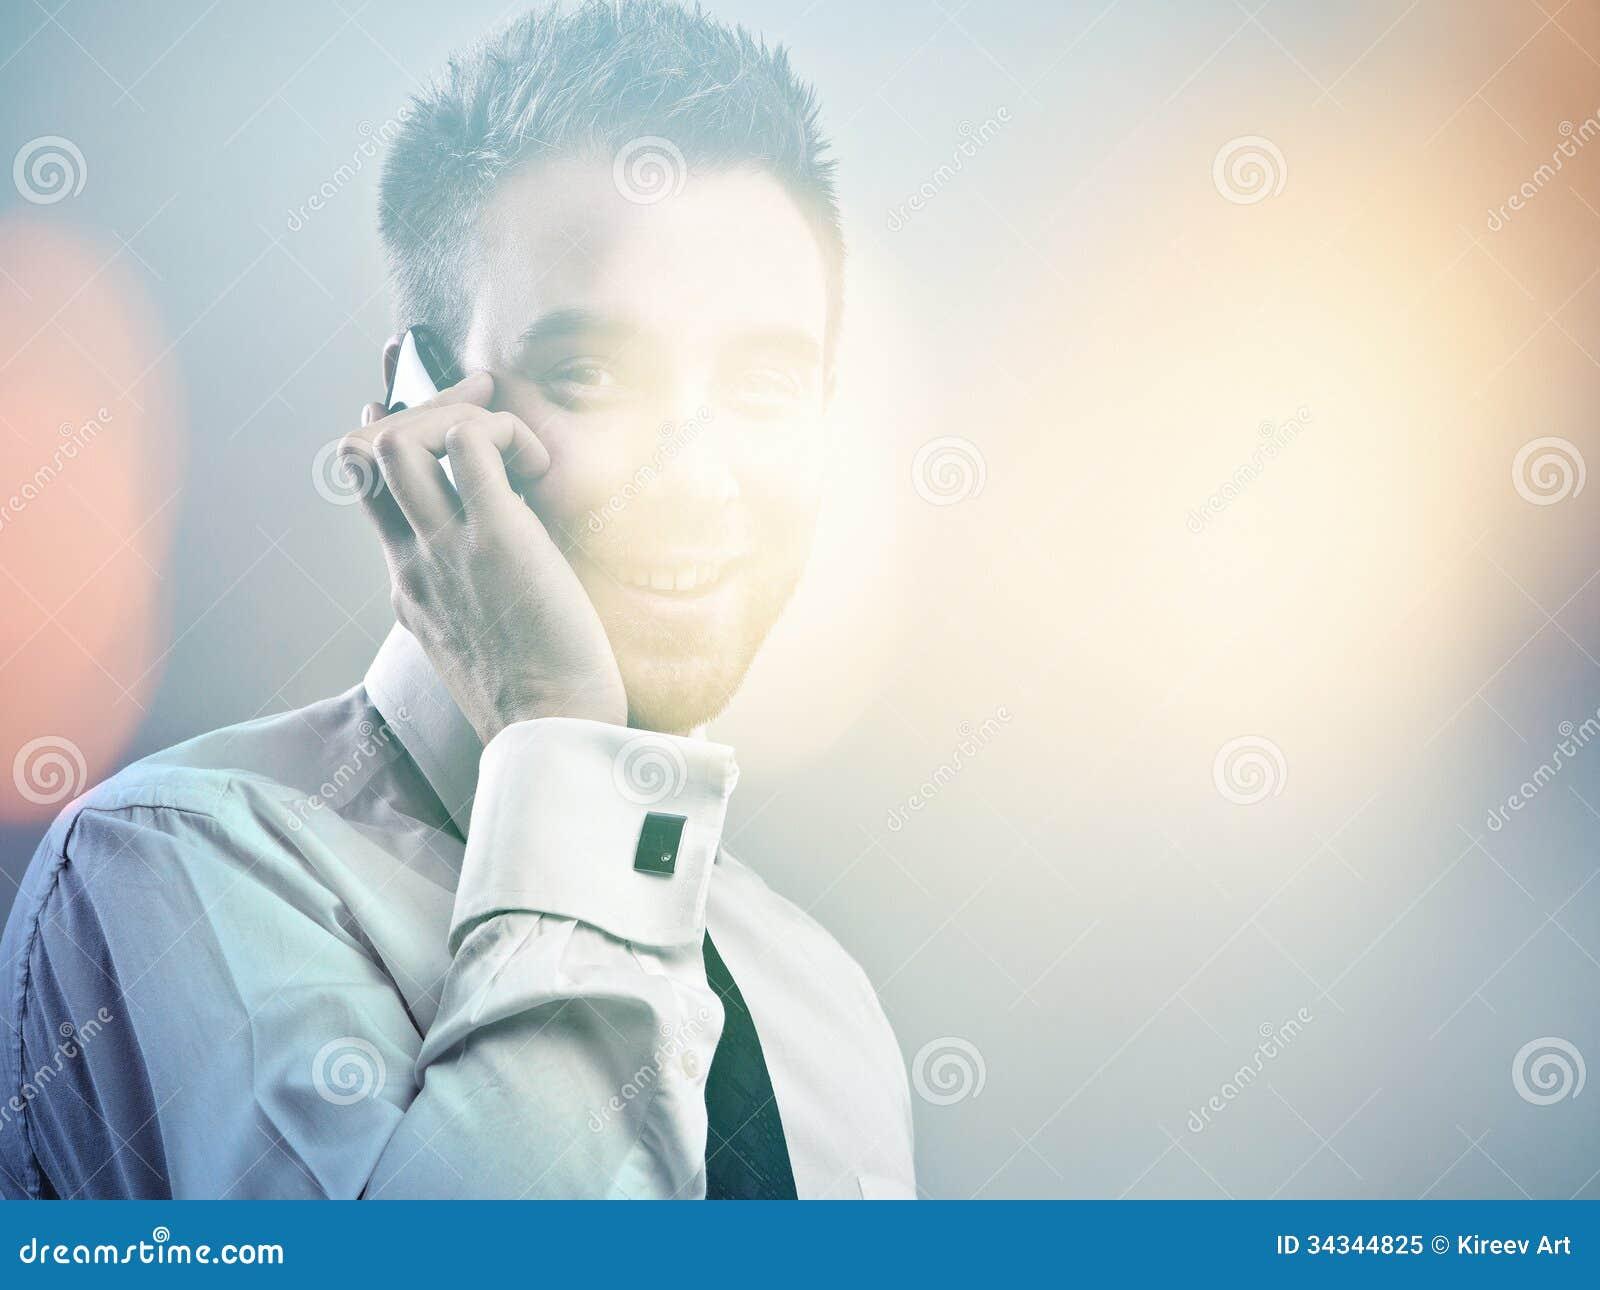 Modelo considerável novo elegante. Retrato pintado digital colorido da imagem do homem de negócios atrativo novo.